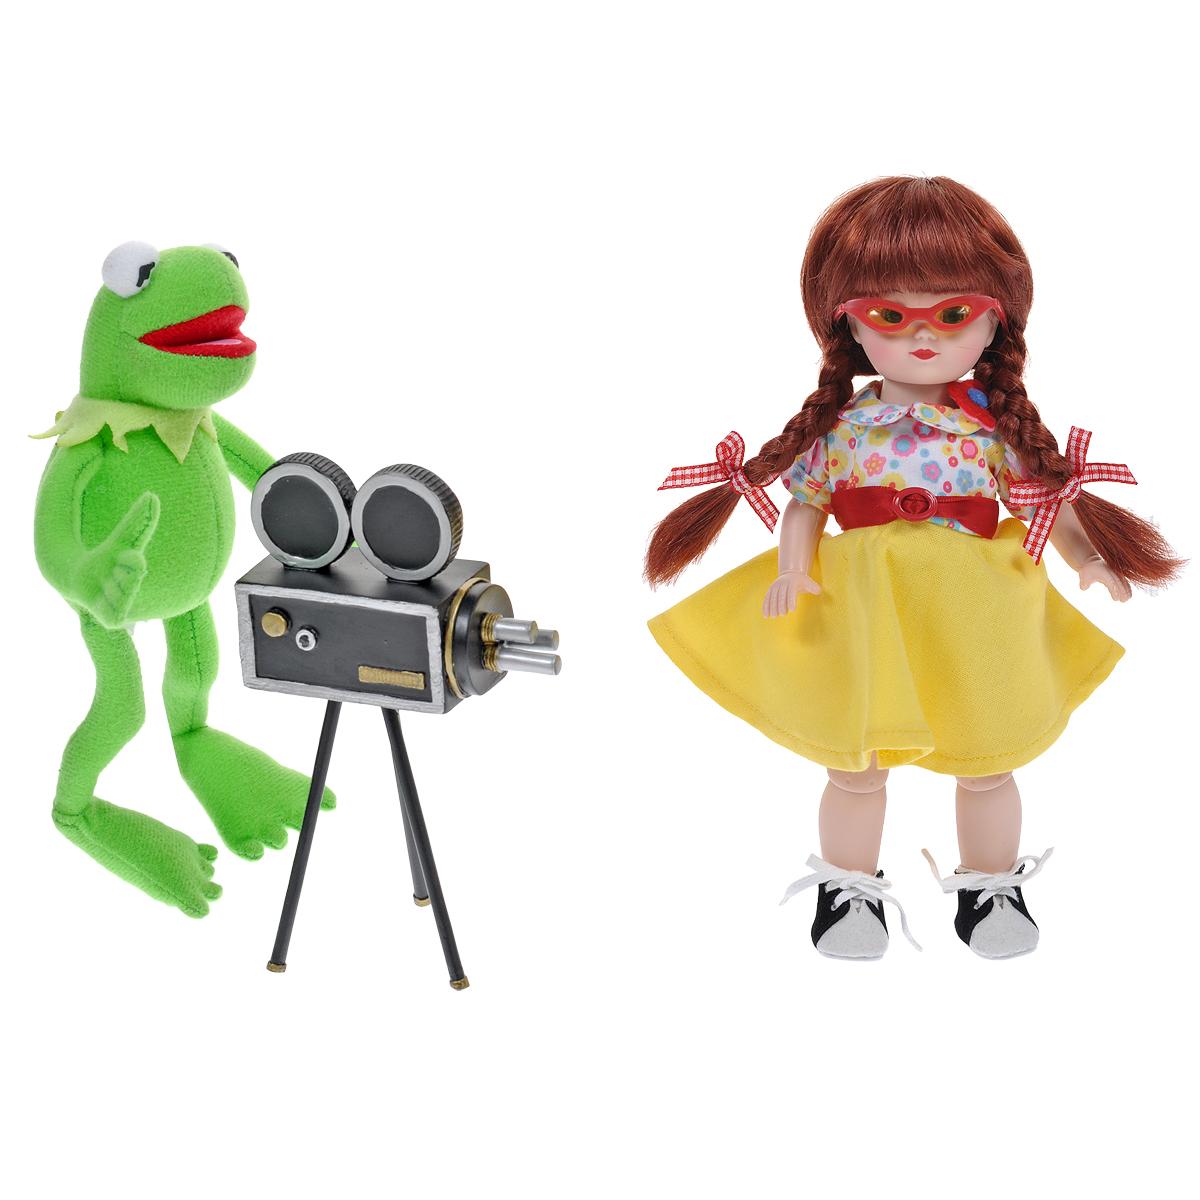 Madame Alexander Игровой набор с куклой Мегги и Кермит в Голливуде64160Кукла Madame Alexander Мегги и Кермит в Голливуде станет прекрасным украшением любой коллекции. Кукла Мегги с зелеными глазками и длинными рыжими волосами, заплетенными в косички, одета в блузку с цветочным принтом, воротничок которой украшен красными и желтыми фетровыми цветами, ярко-желтую юбку с красным атласным пояском и белые панталончики. На ее ножках - черно-белые замшевые ботиночки. Гламурные очки в красной оправе с желтыми линзами дополняют стильный образ Мегги. В комплект с куклой входит ее верный друг и режиссер Кермит - плюшевый лягушонок, лихо управляющийся с видеокамерой. Реалистичные глазки Мегги закрываются, если положить ее на спину.